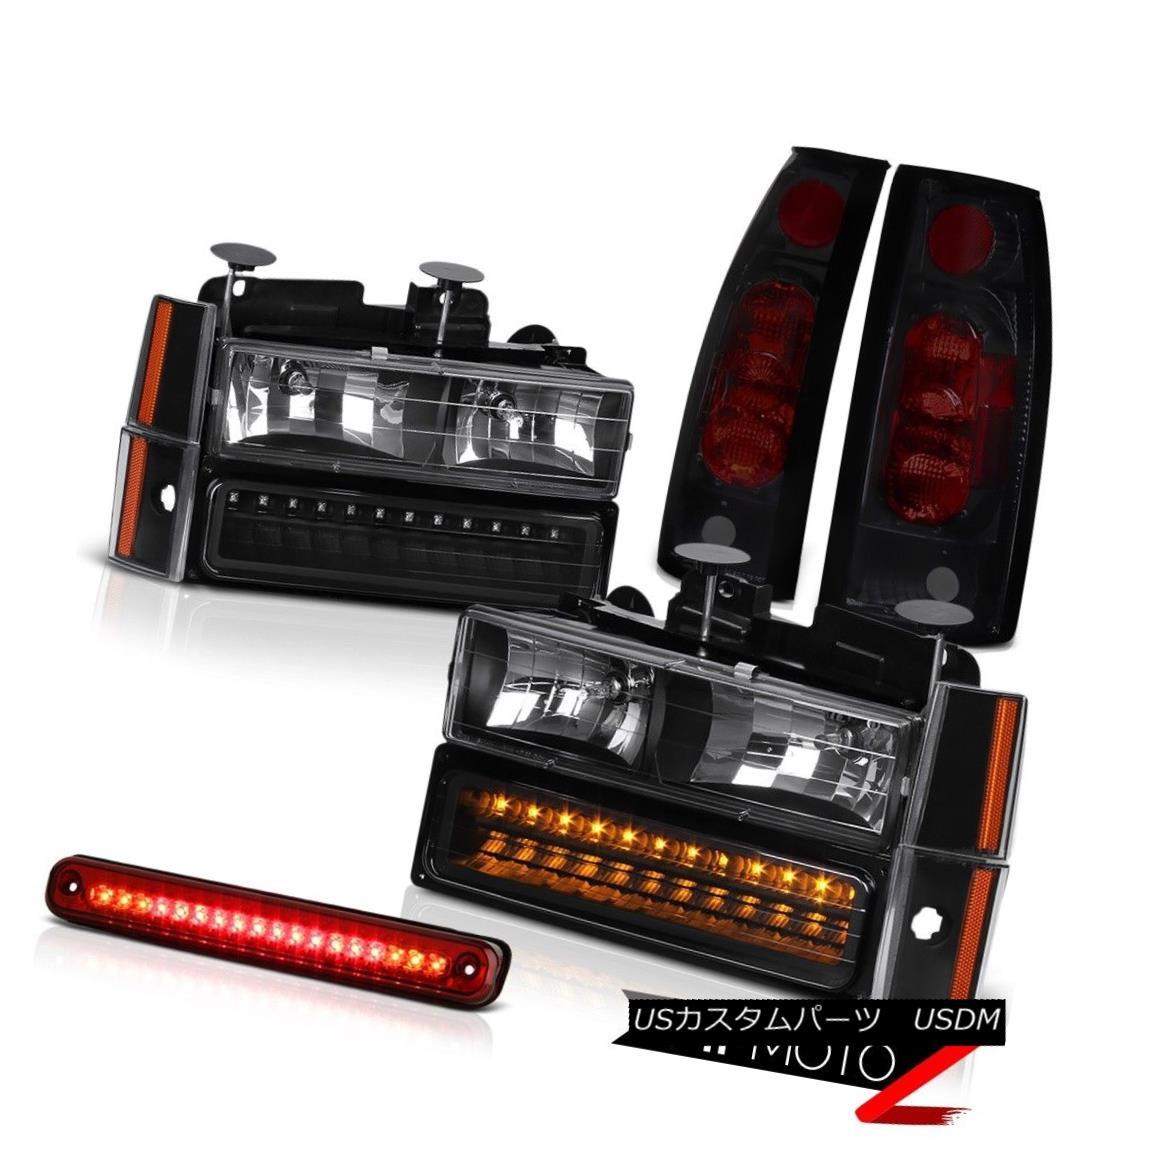 テールライト 88 89 90 91 92 93 Chevy Parking Headlights Rear Brake Tail Lights Roof LED Red 88 89 90 91 92 93シボレーパーキングヘッドライトリアブレーキテールライトルーフLEDレッド